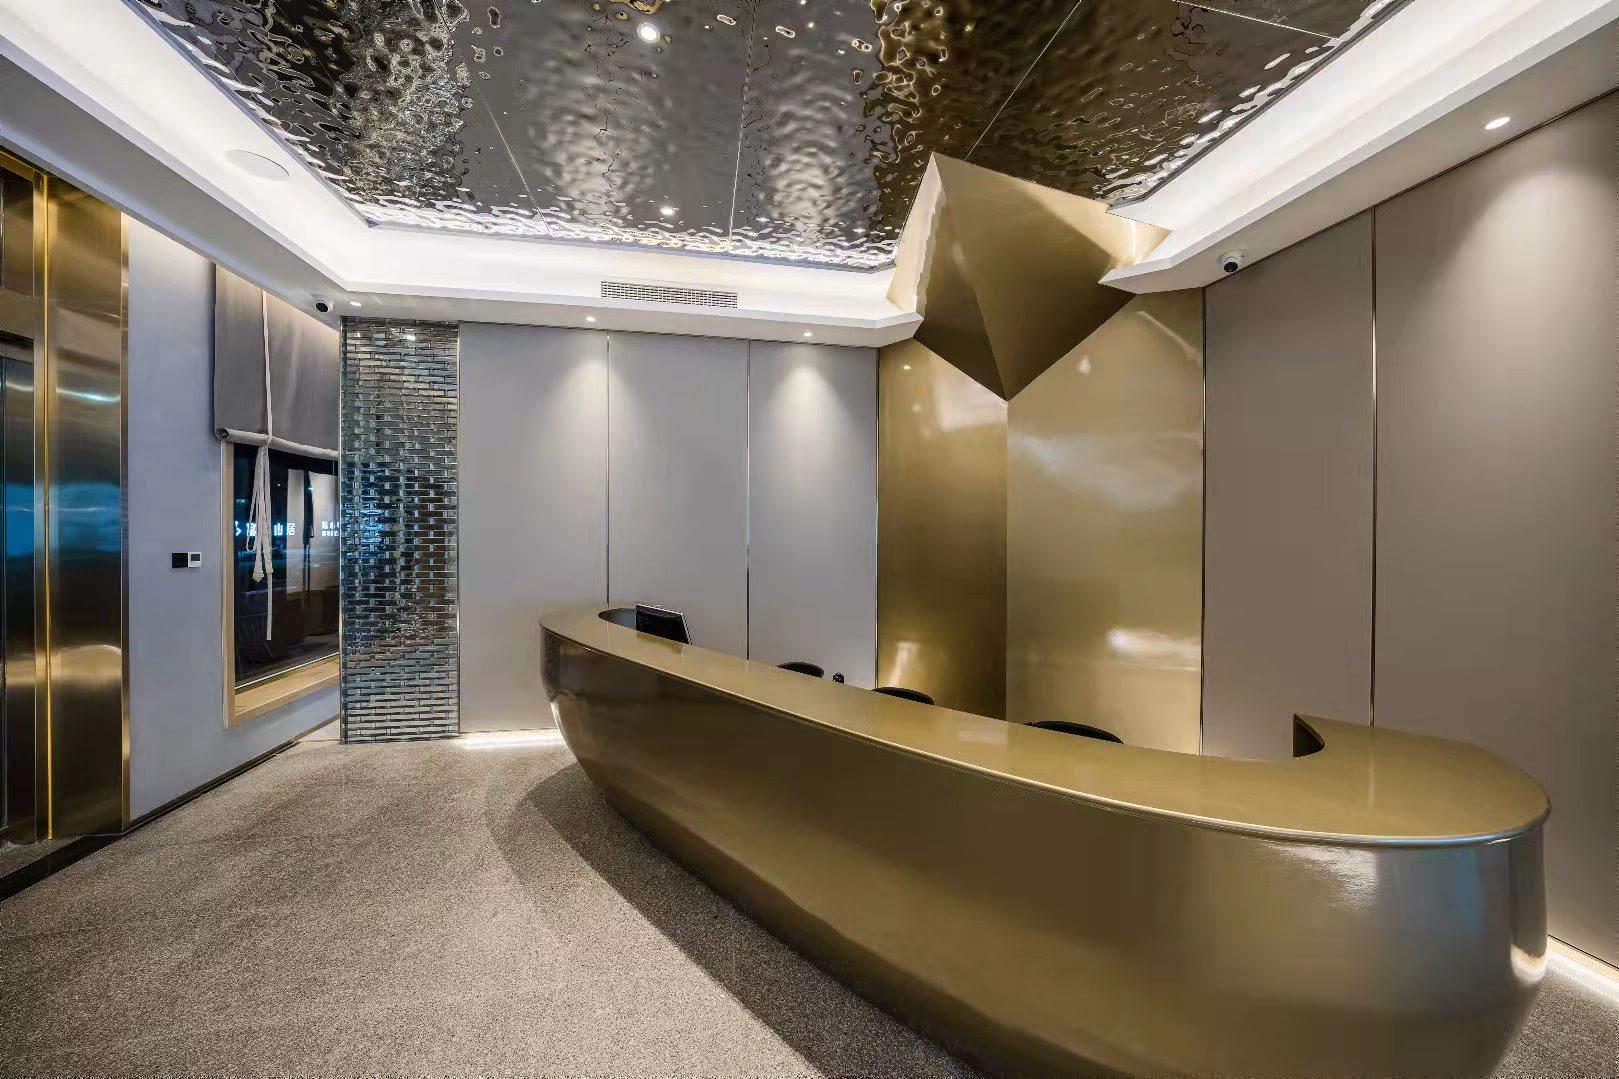 設計師如何找出空間價值的最優解?設計大咖徐磊帶來分享